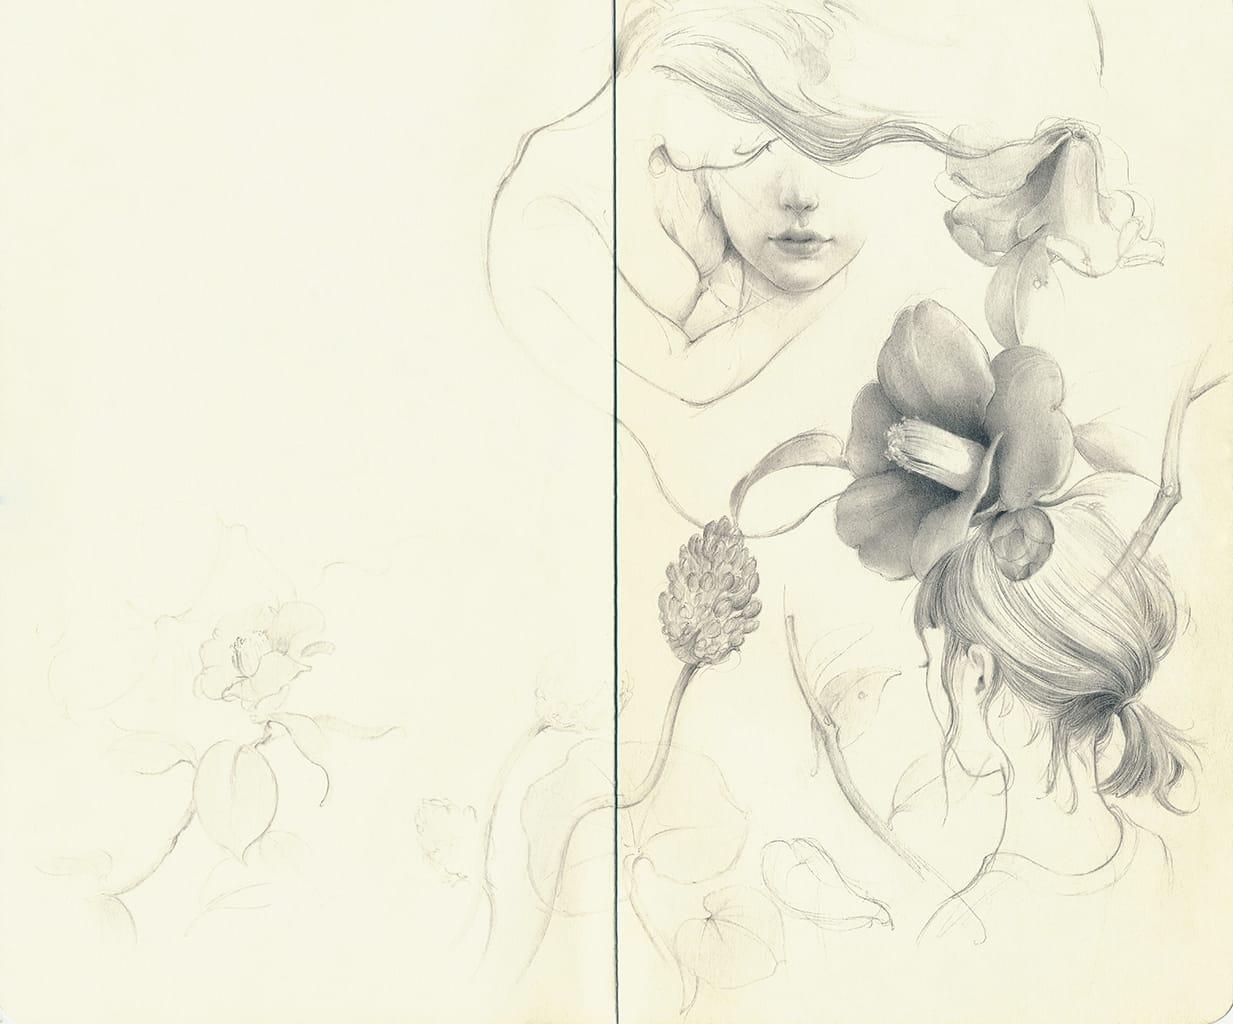 Ozabu, Sketch (Untitled), 2019